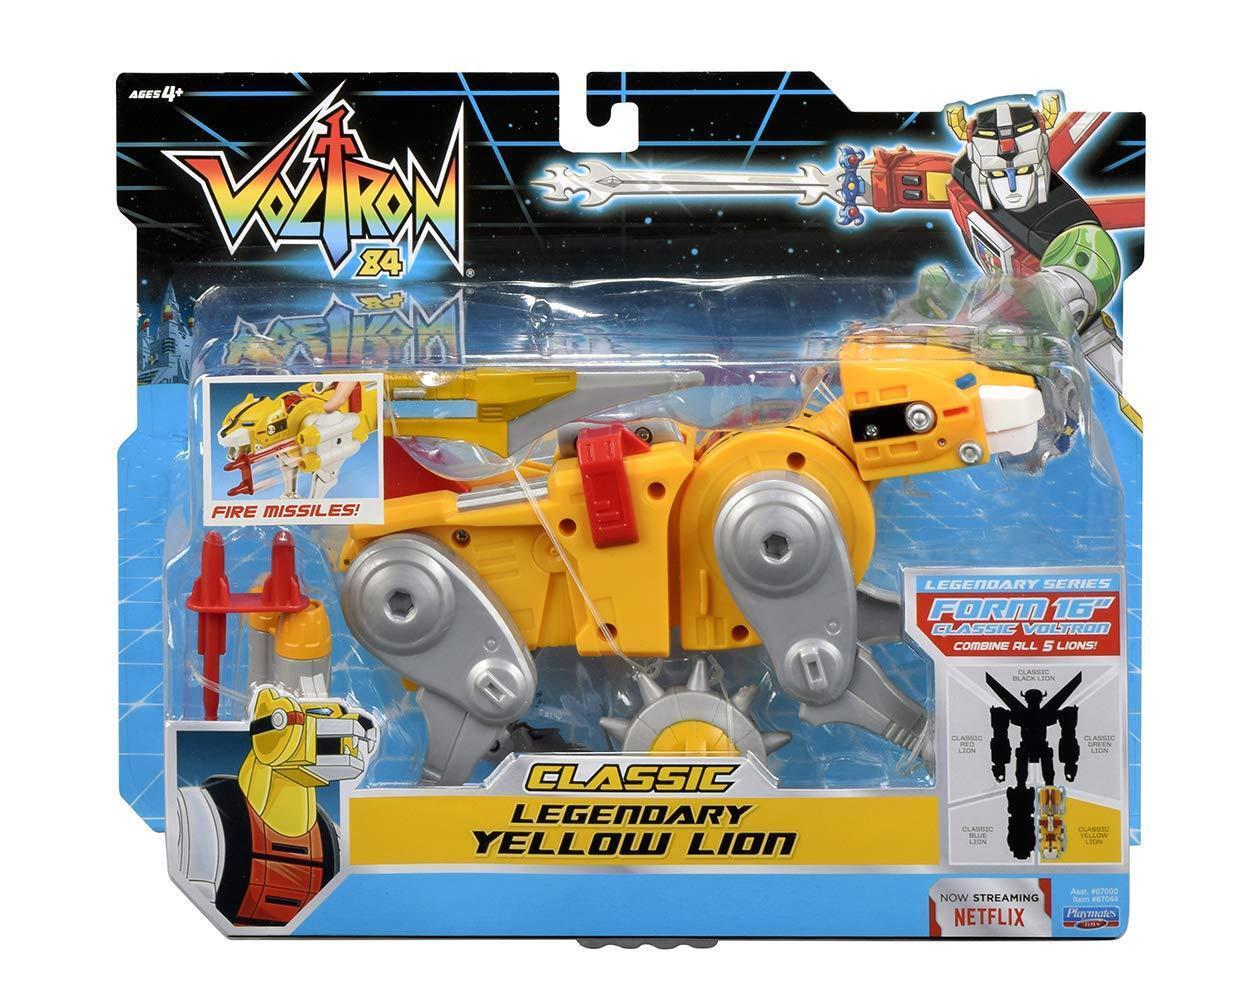 RARE Voltron 84 Classic Legendary Series Gelb Lion Action Figure 1984 MINT